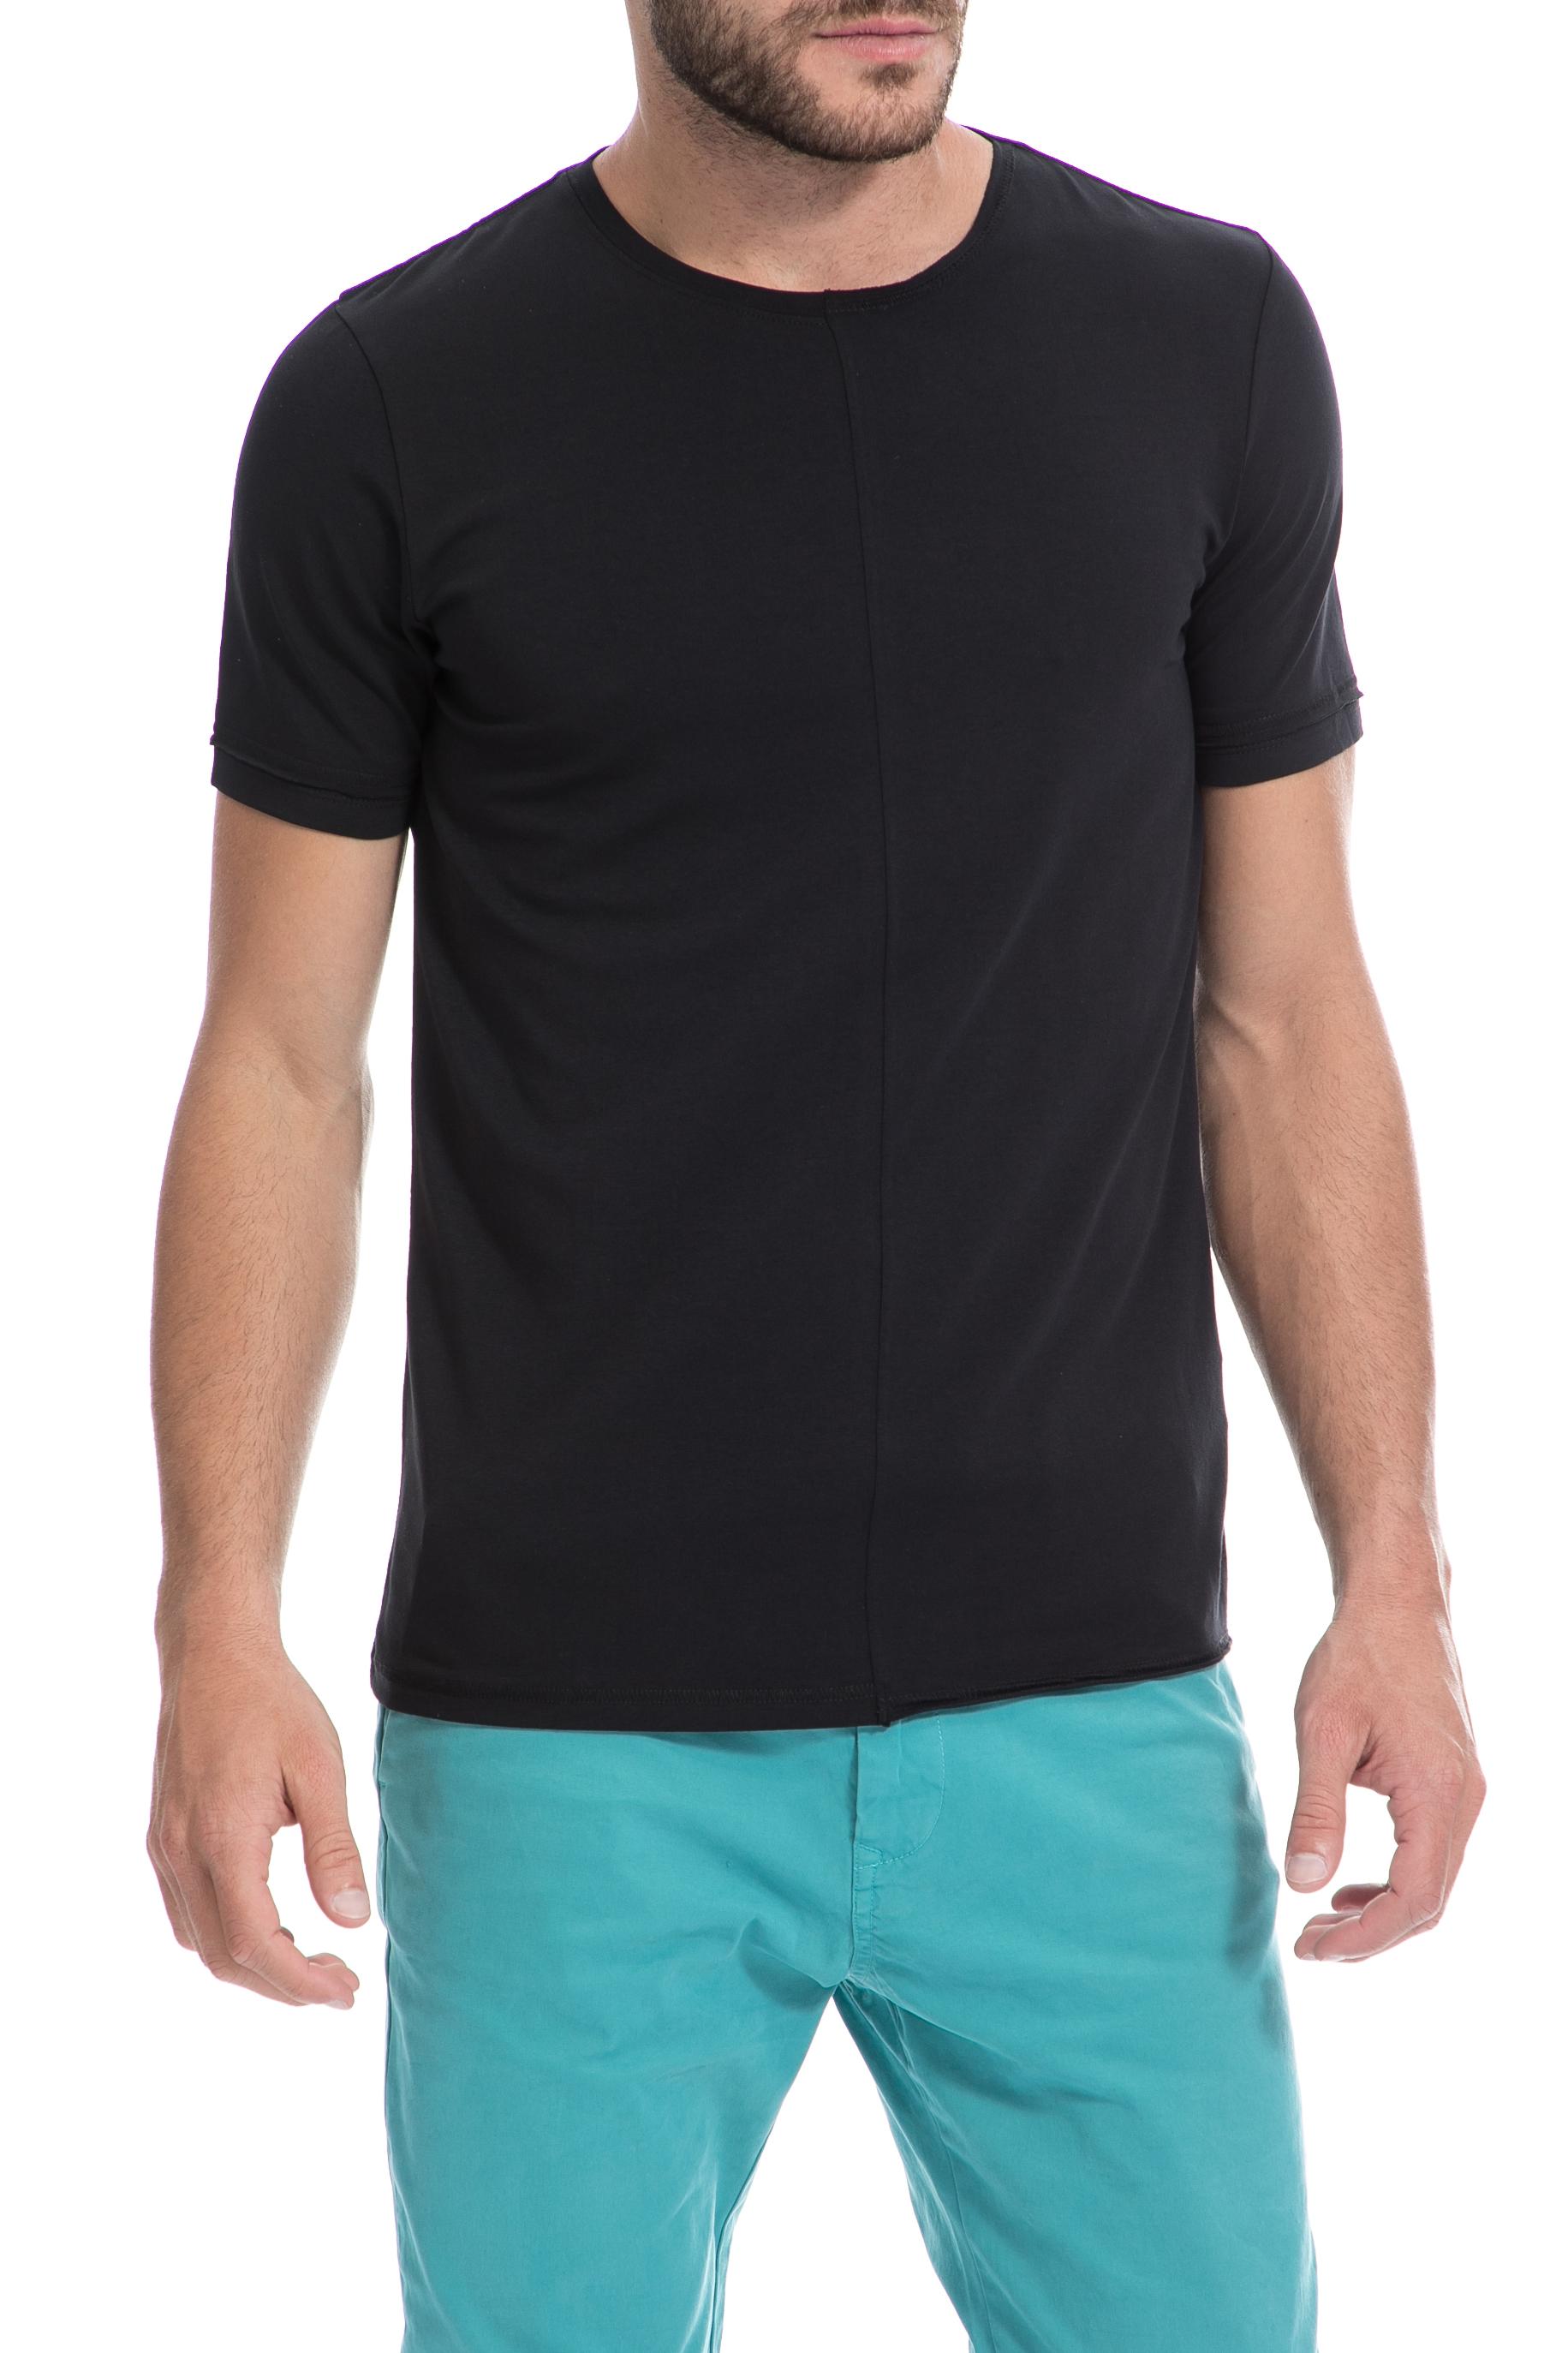 GAS - Ανδρική μπλούζα Gas μαύρη ανδρικά ρούχα μπλούζες κοντομάνικες